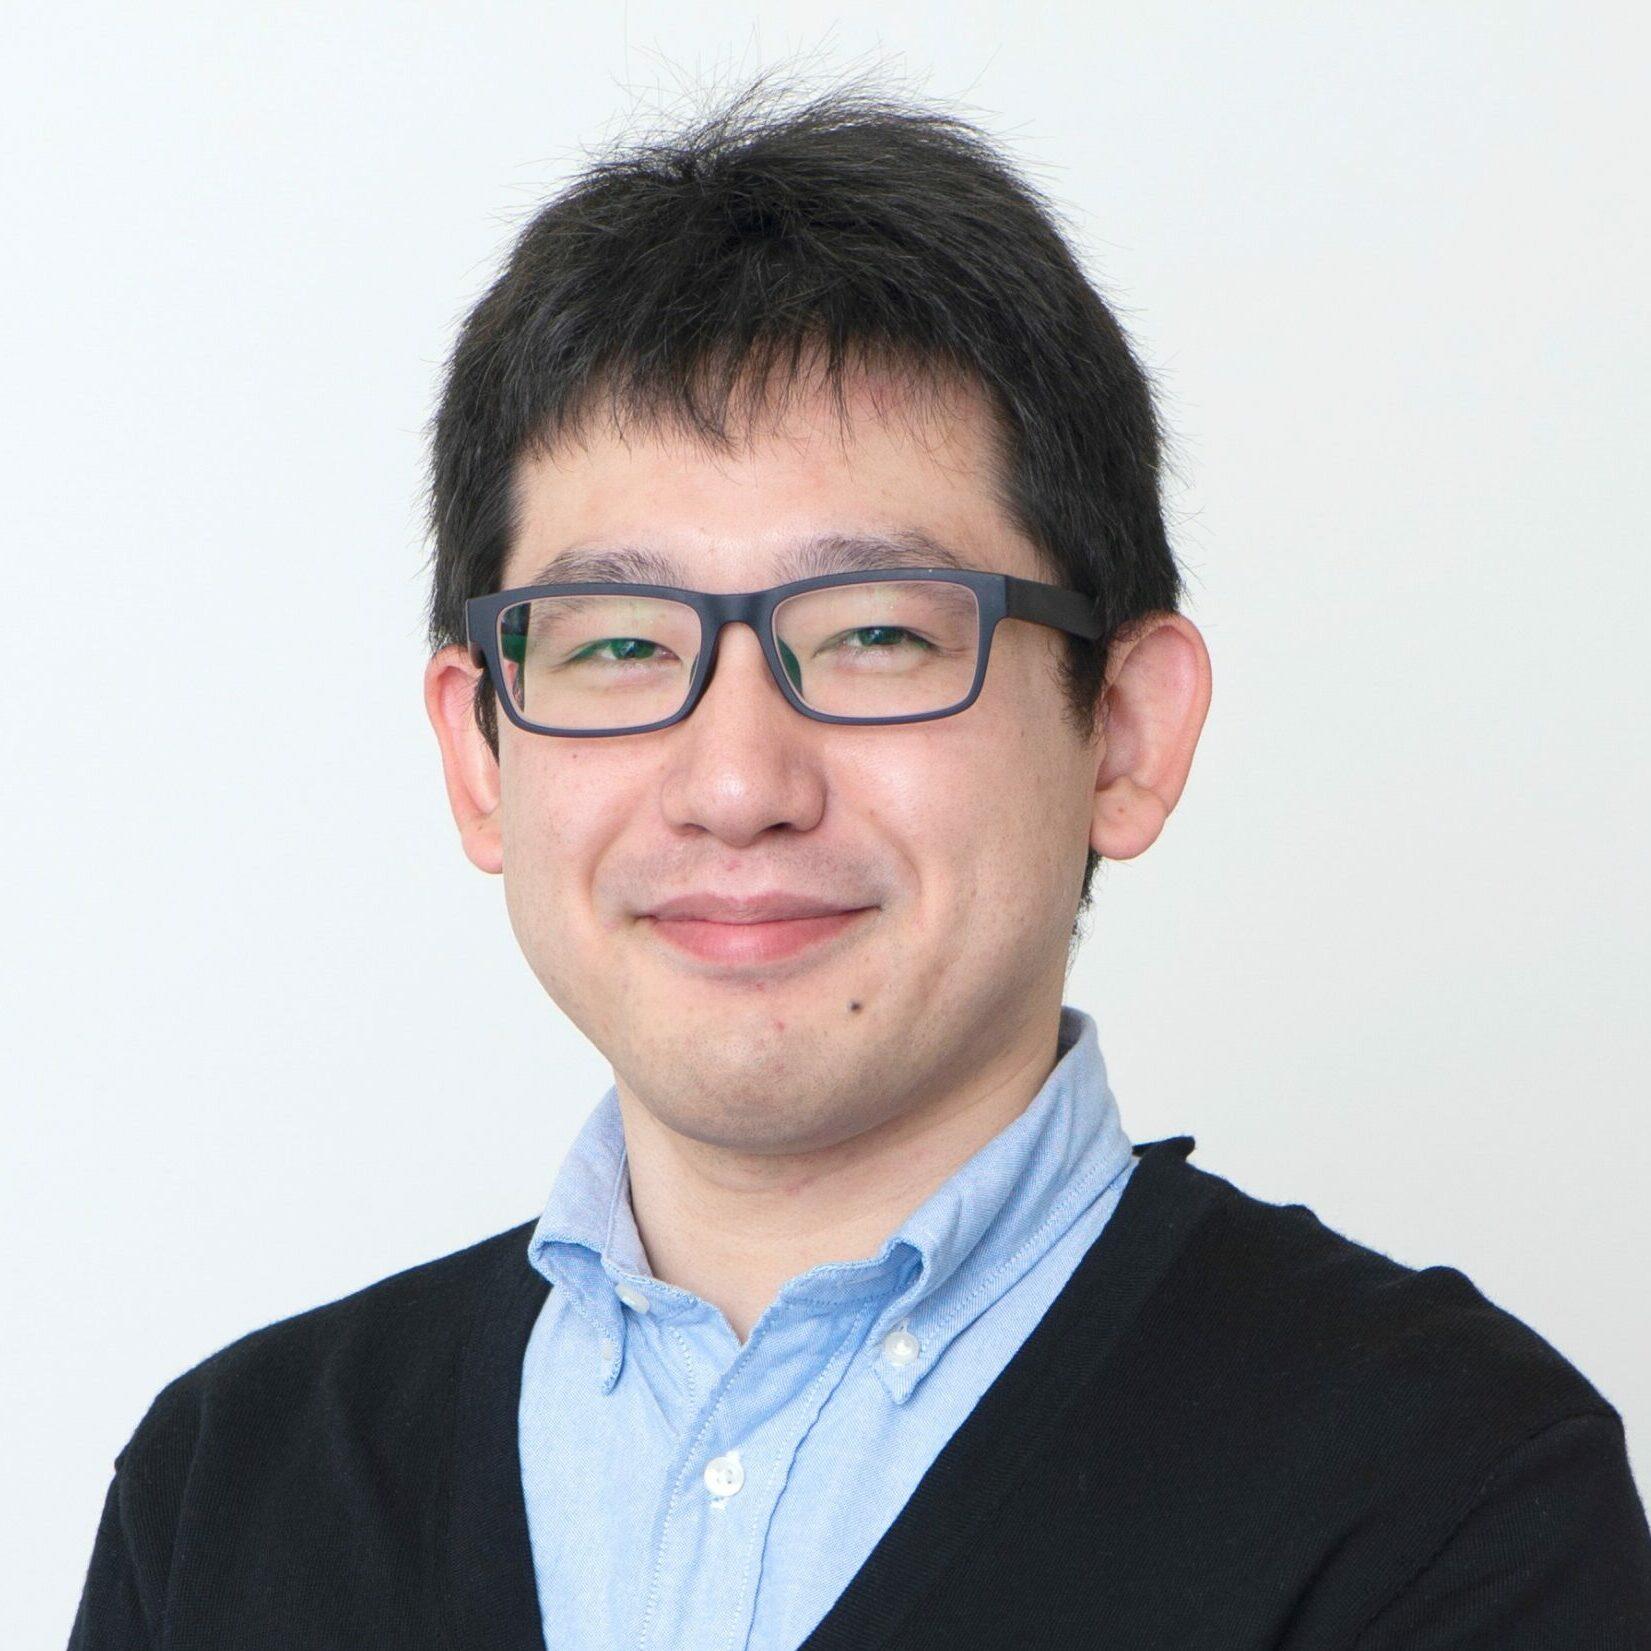 笹森 拓也  - Sasamori Takuya